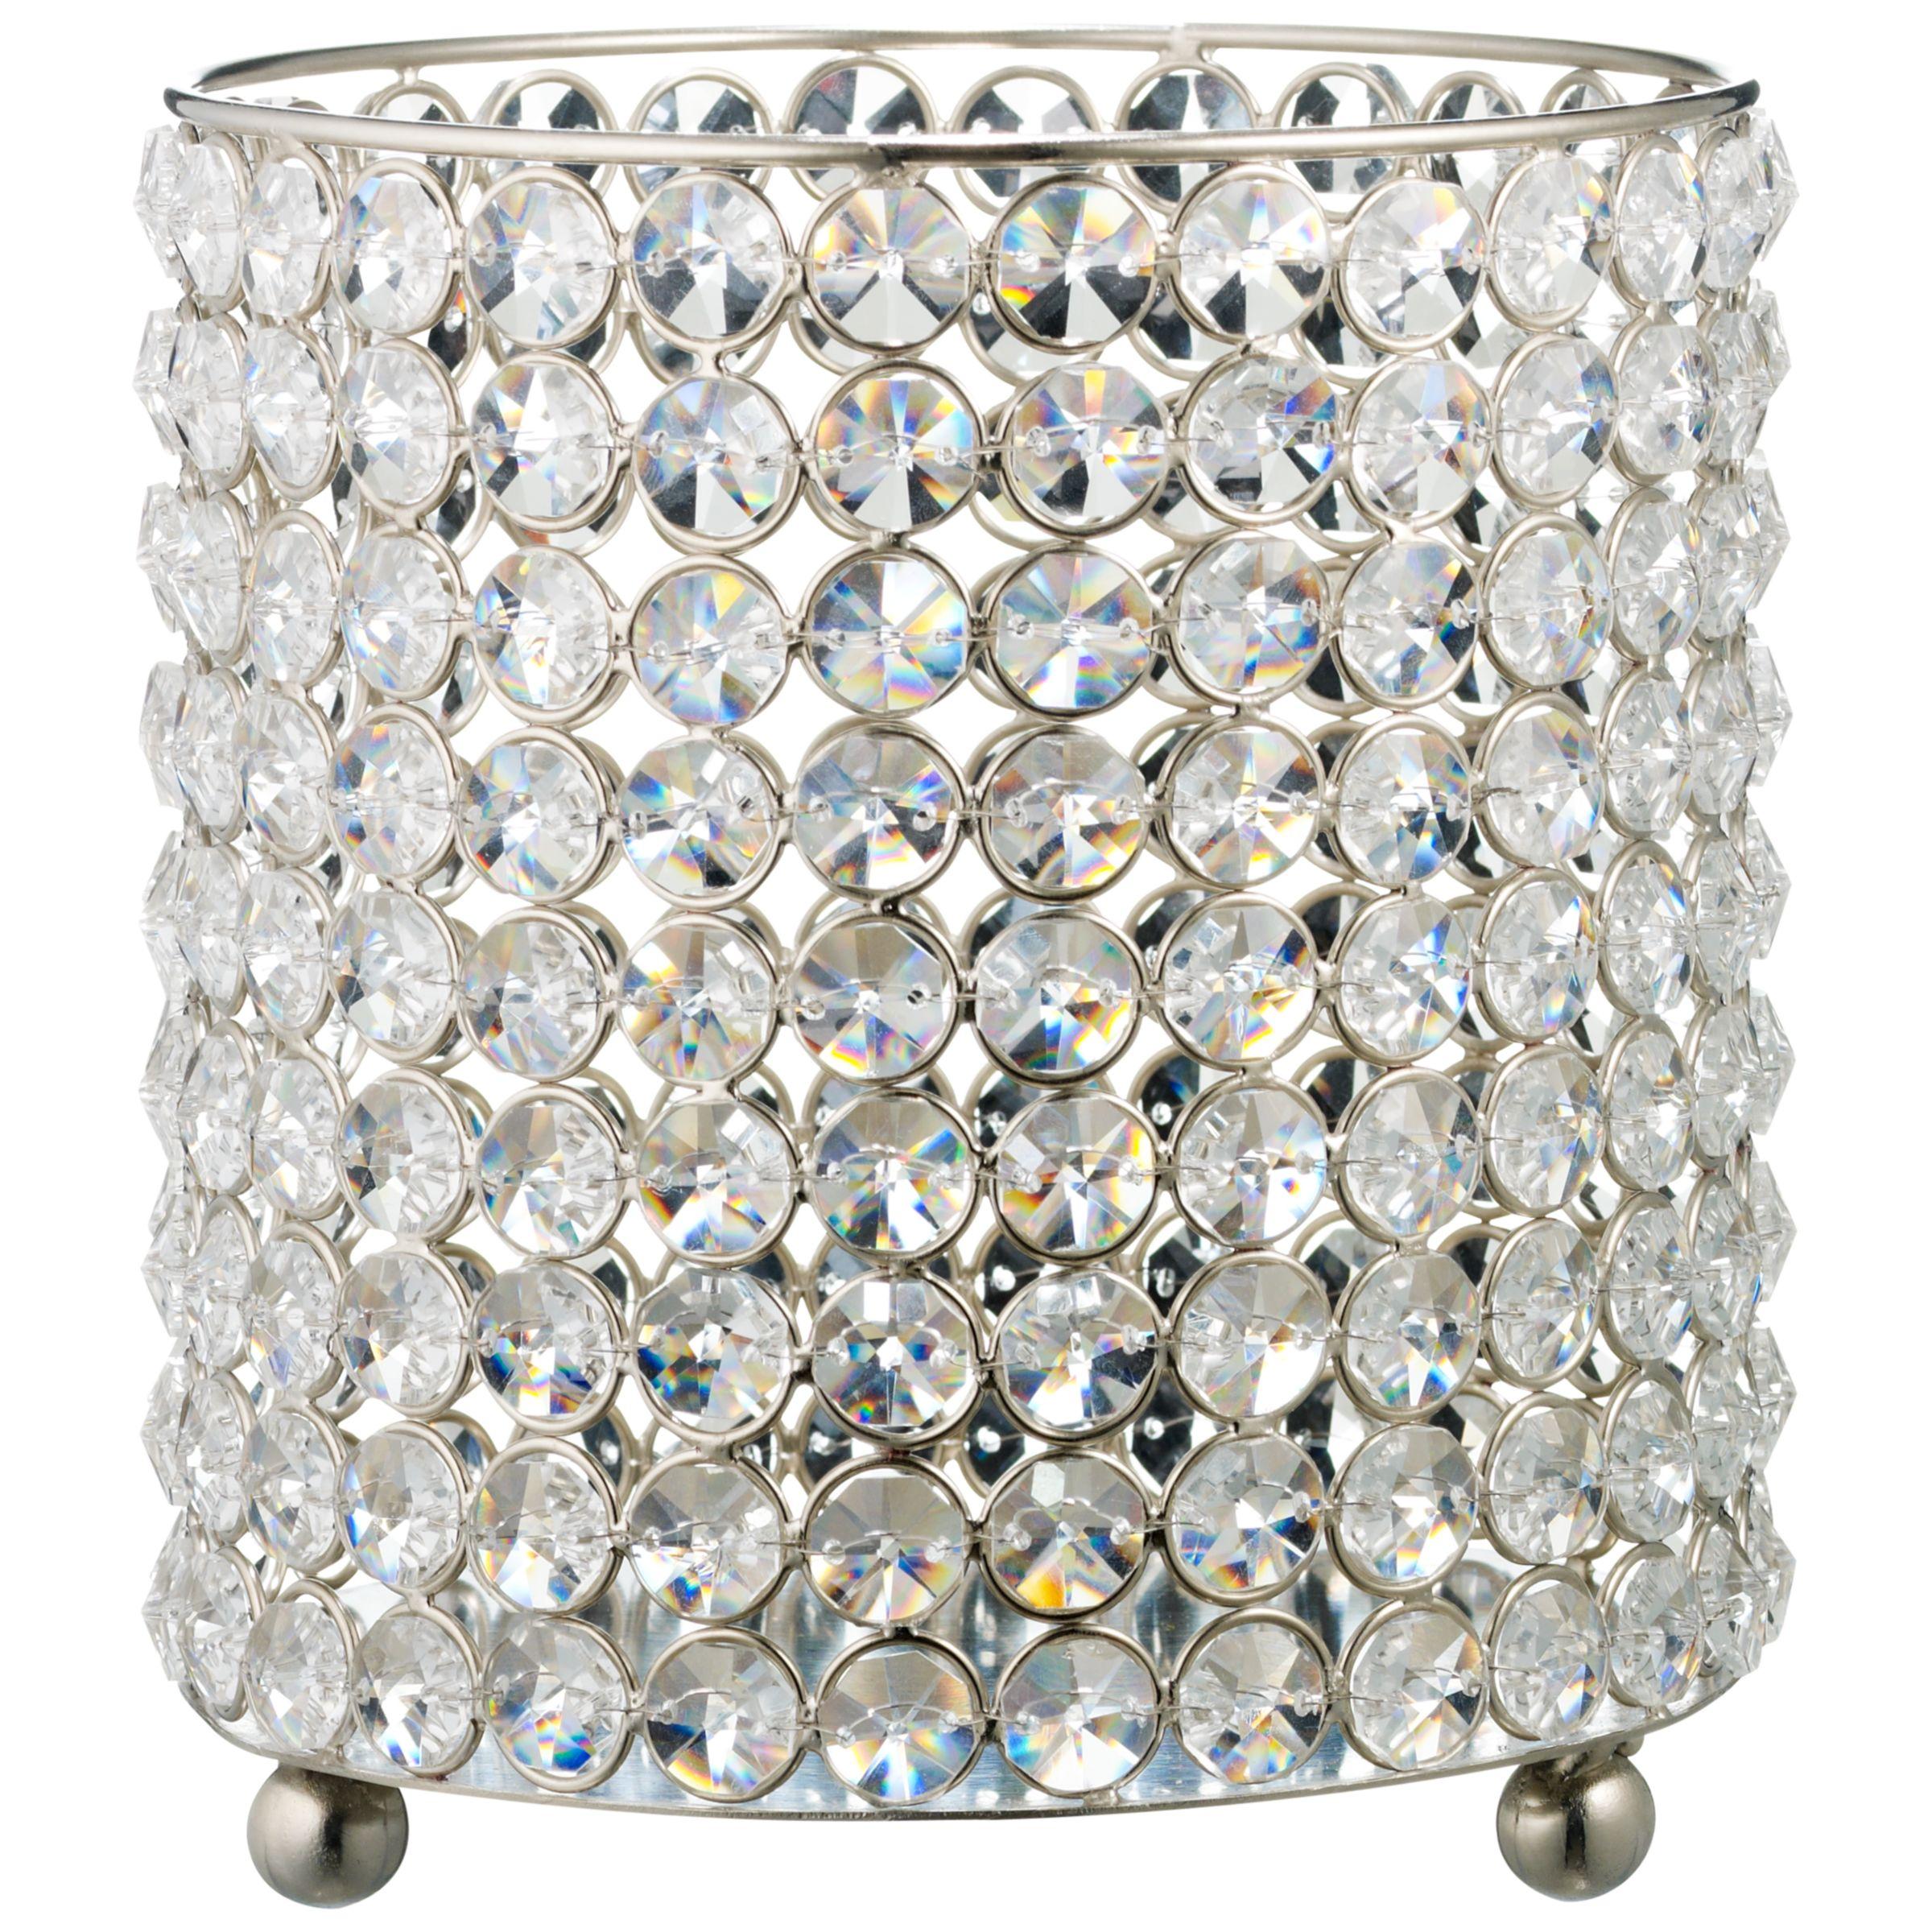 John Lewis Crystal Tealight Holders